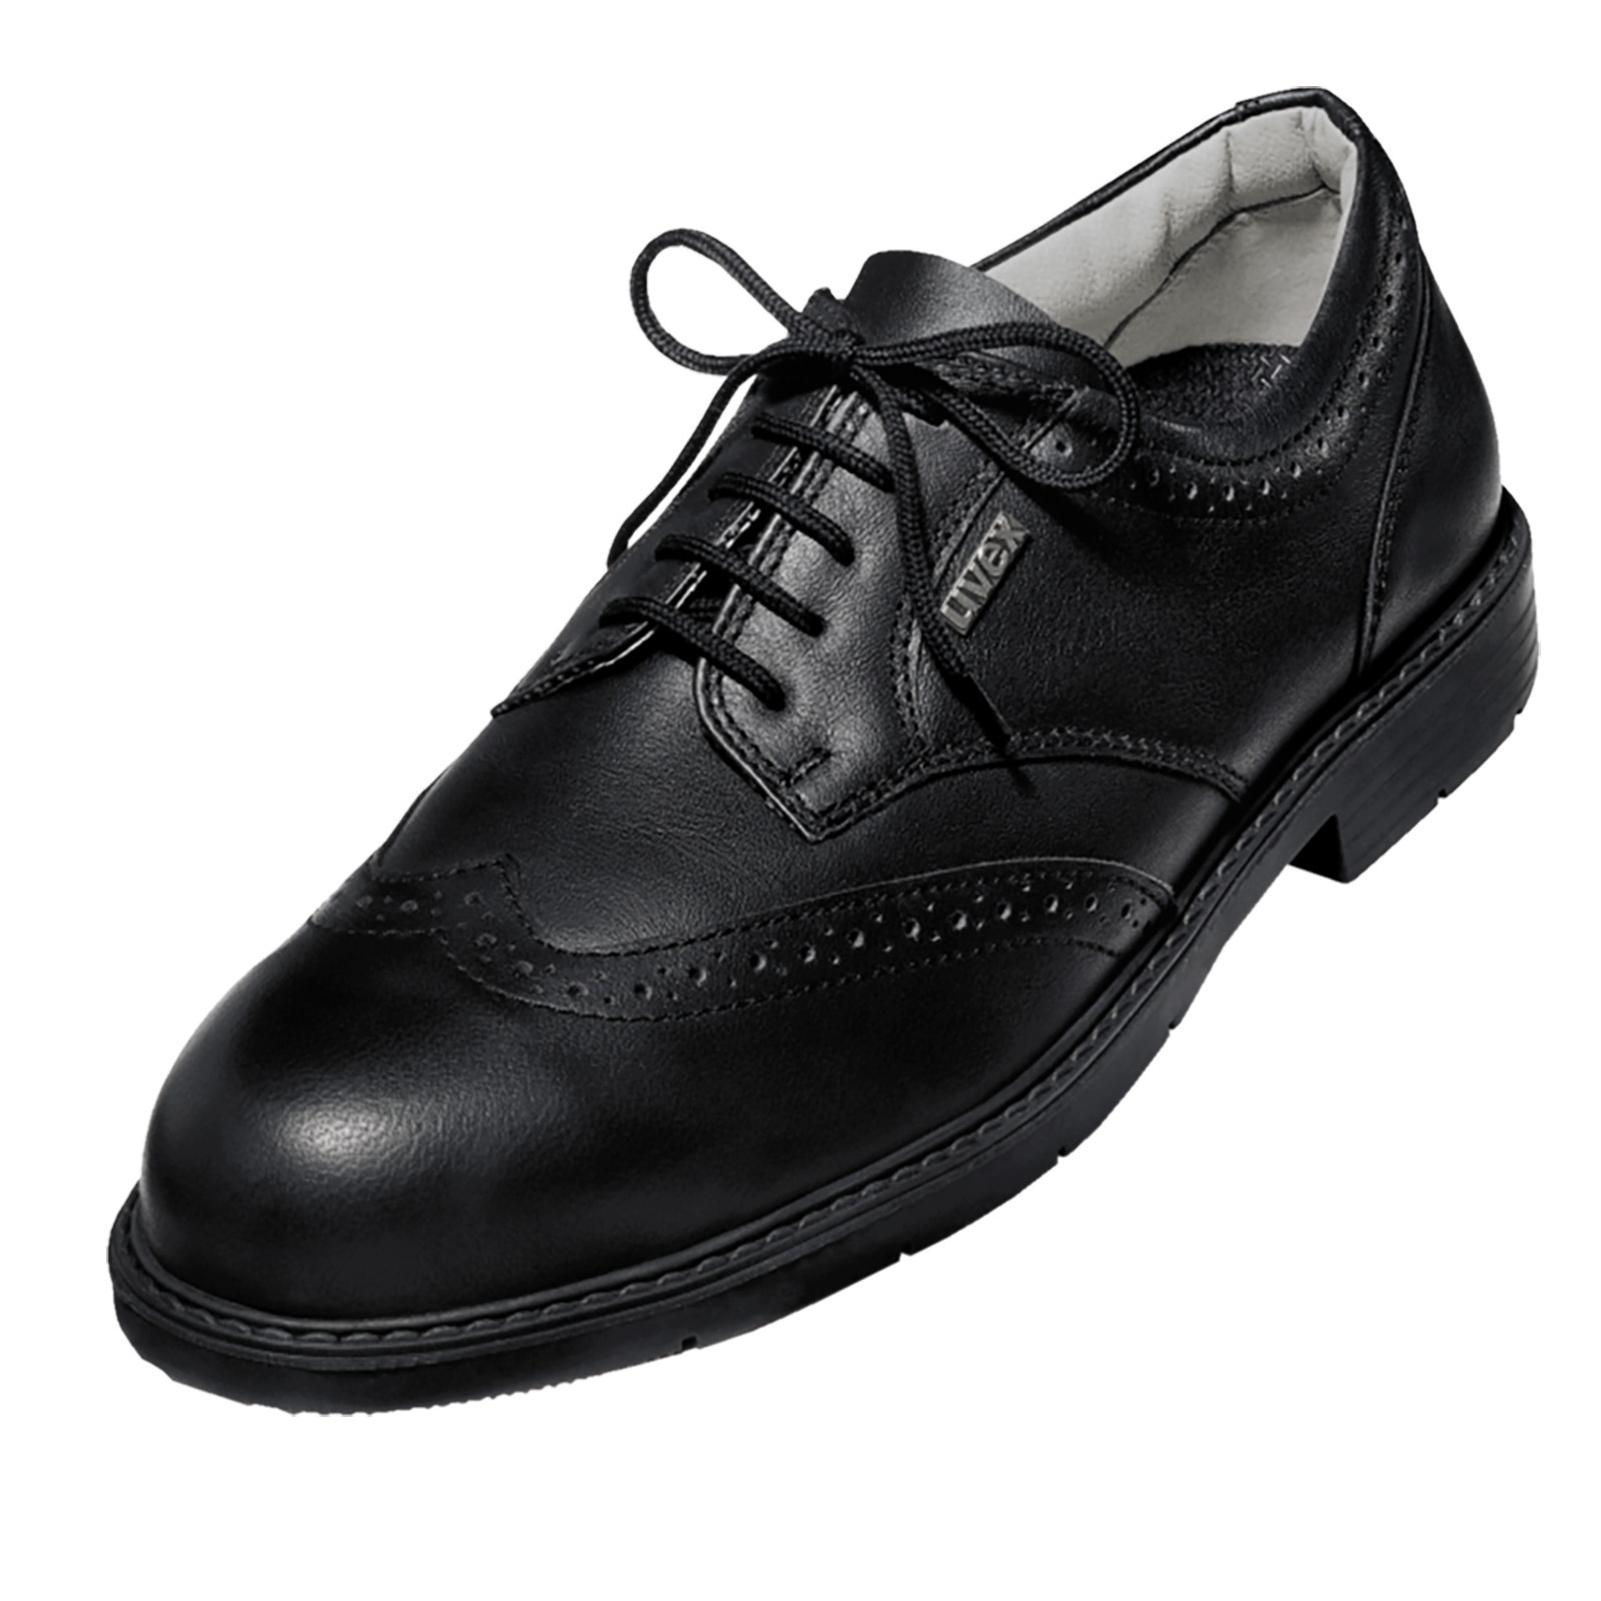 Office Uvex De S1 SraChaussures Safety Sécurité Chaussure 0NP8wXknO